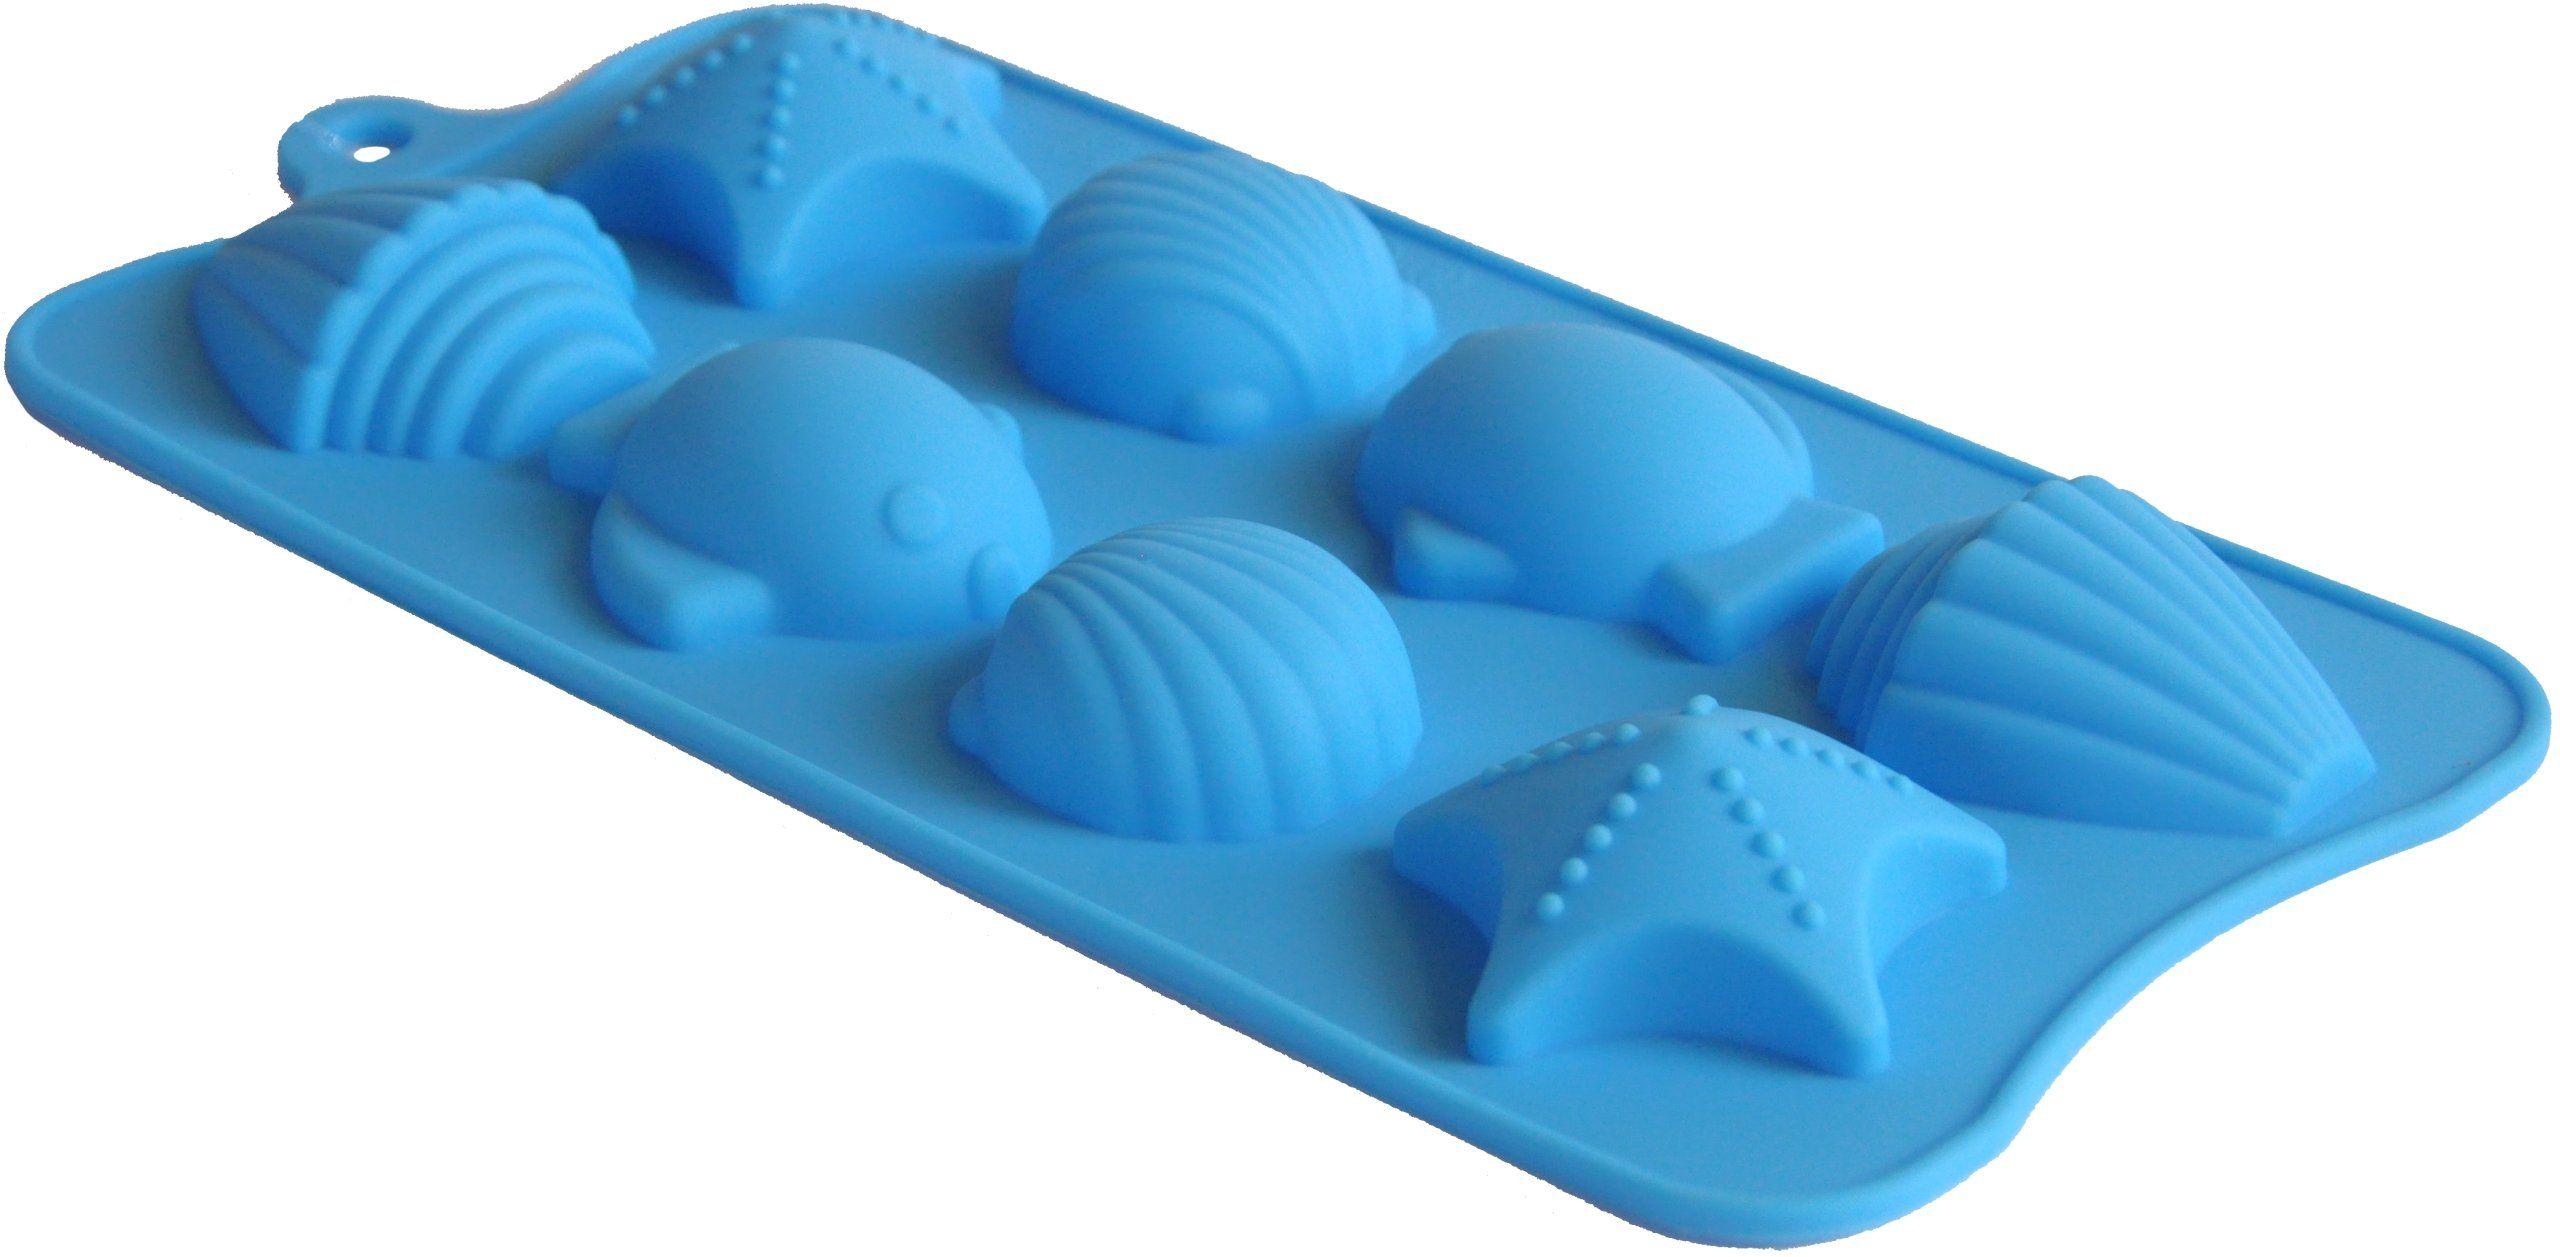 Foremka Silikonowa Na Czekoladki Pralinki Lod 7064714812 Oficjalne Archiwum Allegro Ice Novelty Ice Tray